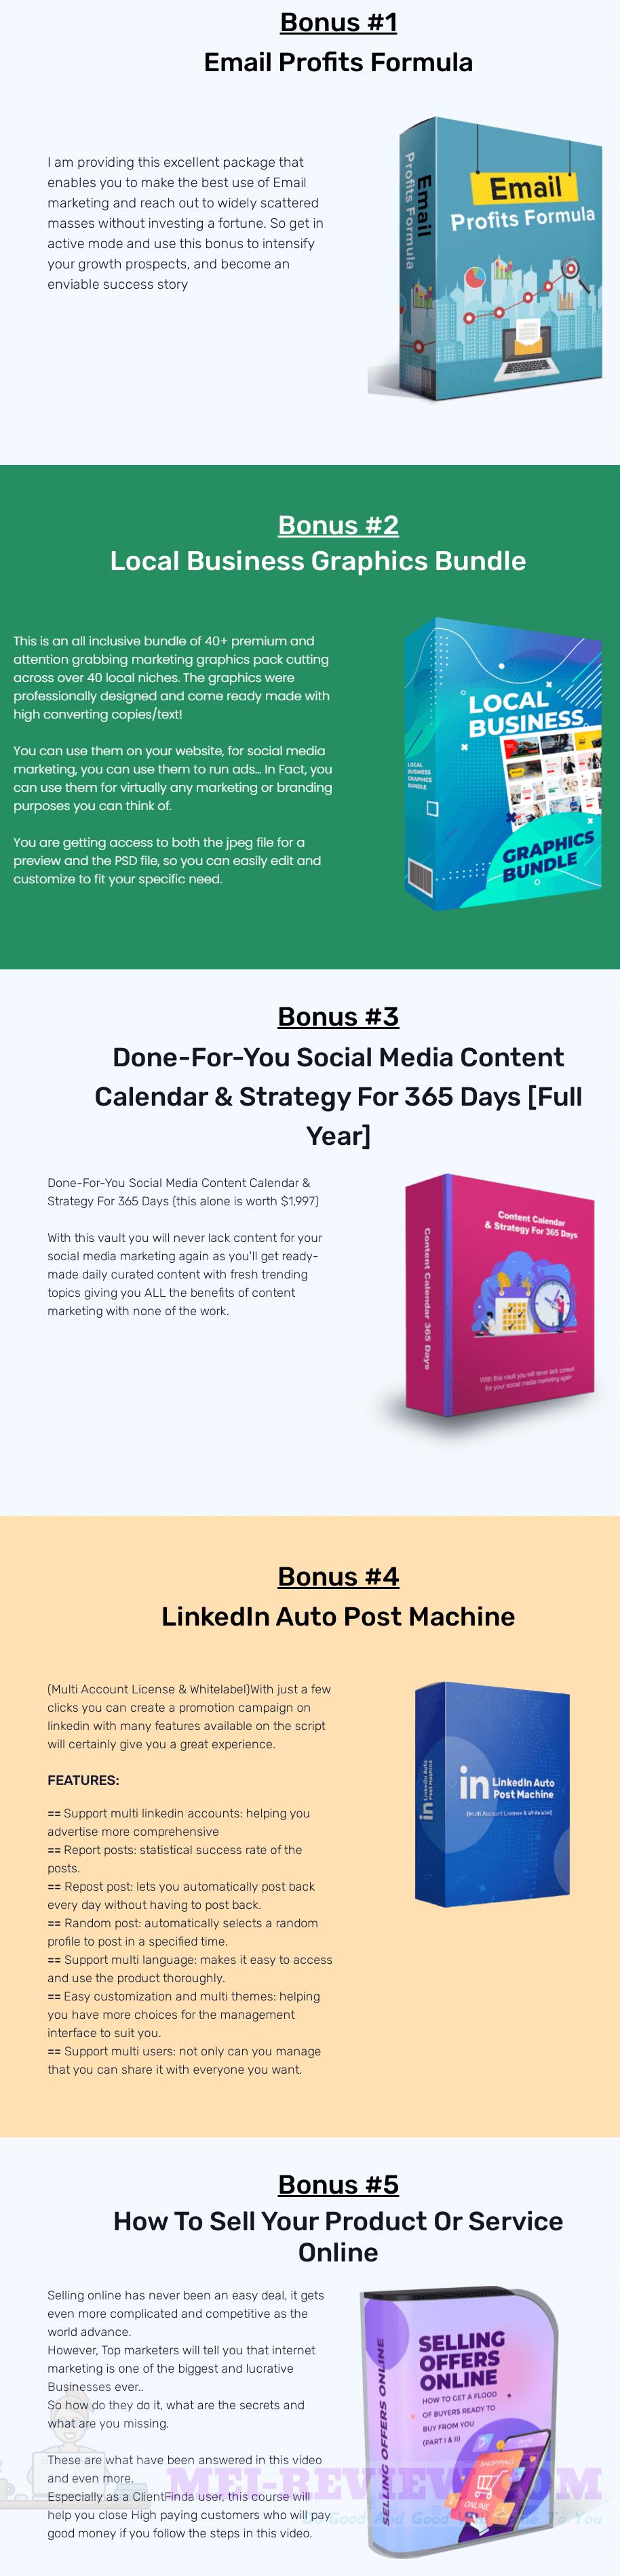 ClientFinda-bonus